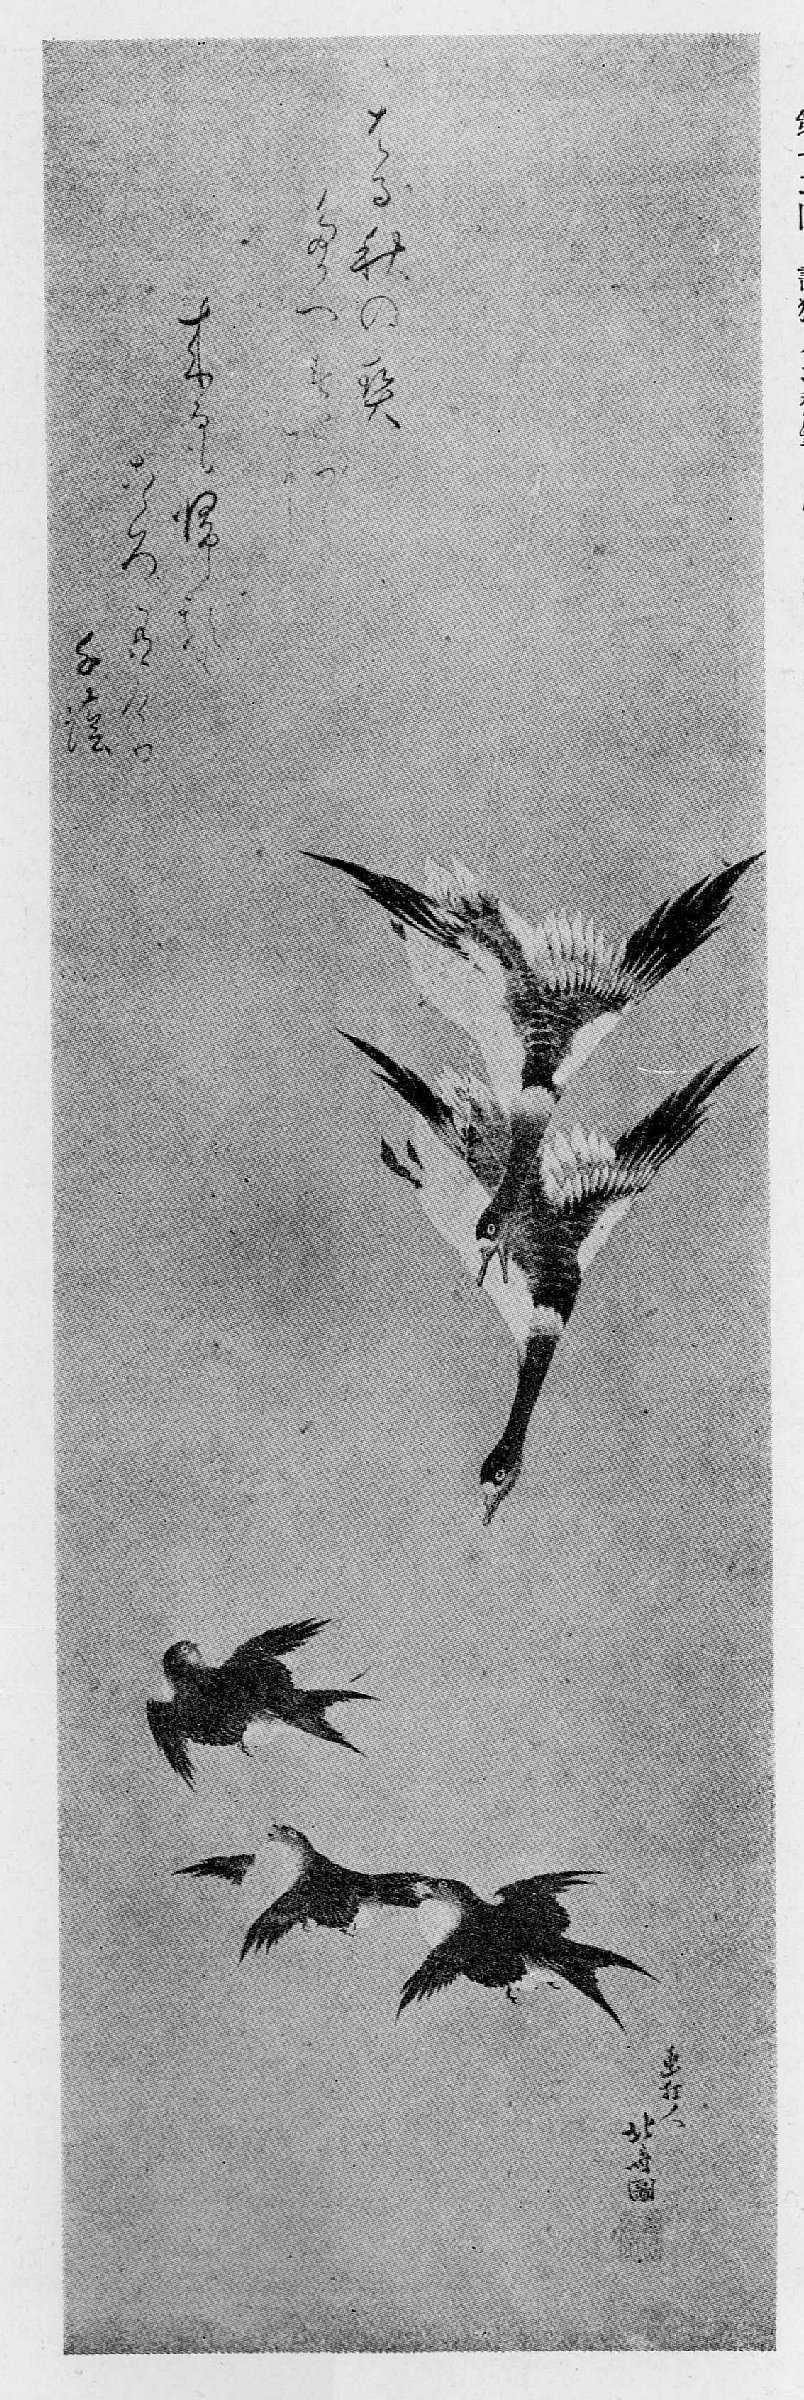 雁の画像 p1_39